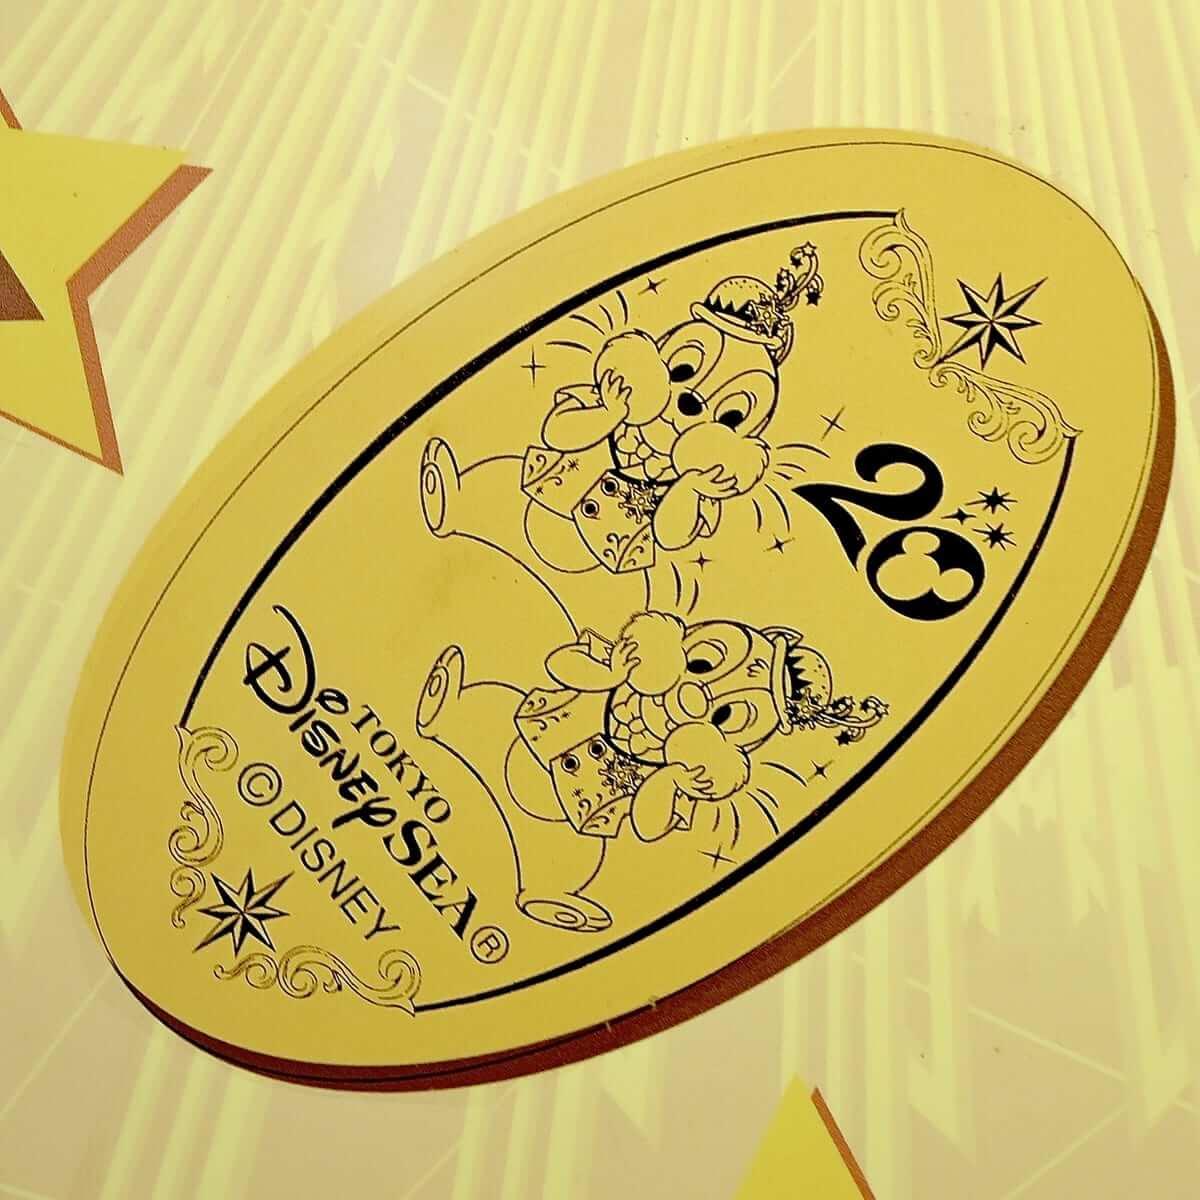 チップ&デール スーベニアメダル1